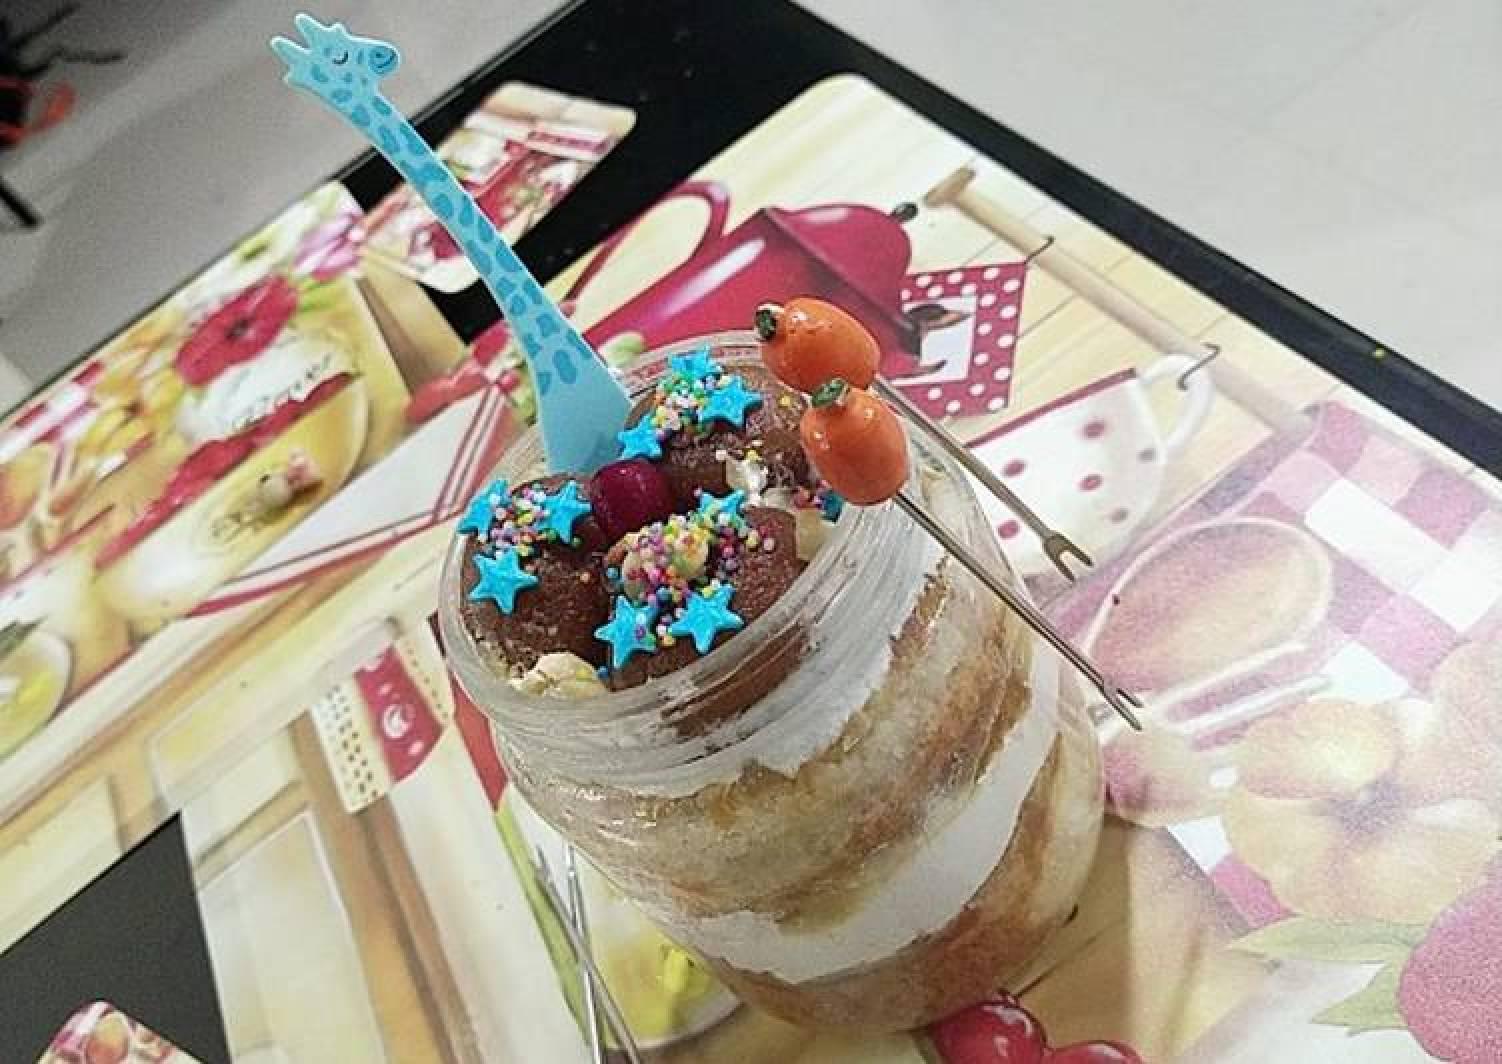 Gulab jamun flavoured icing cake